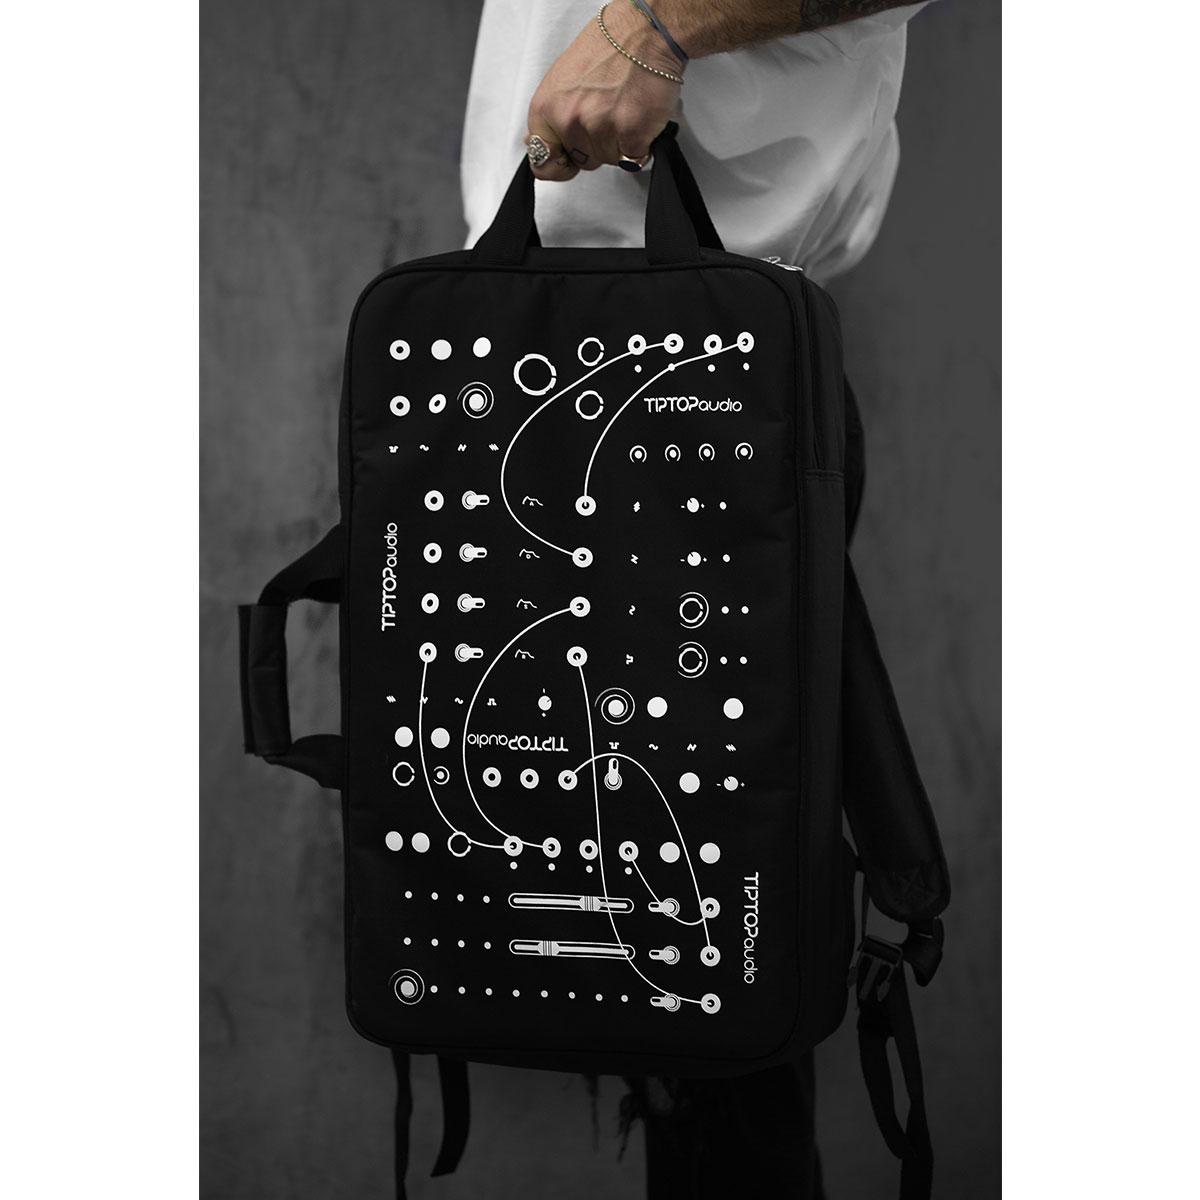 Mantis Travel Bag – Me Spaceship